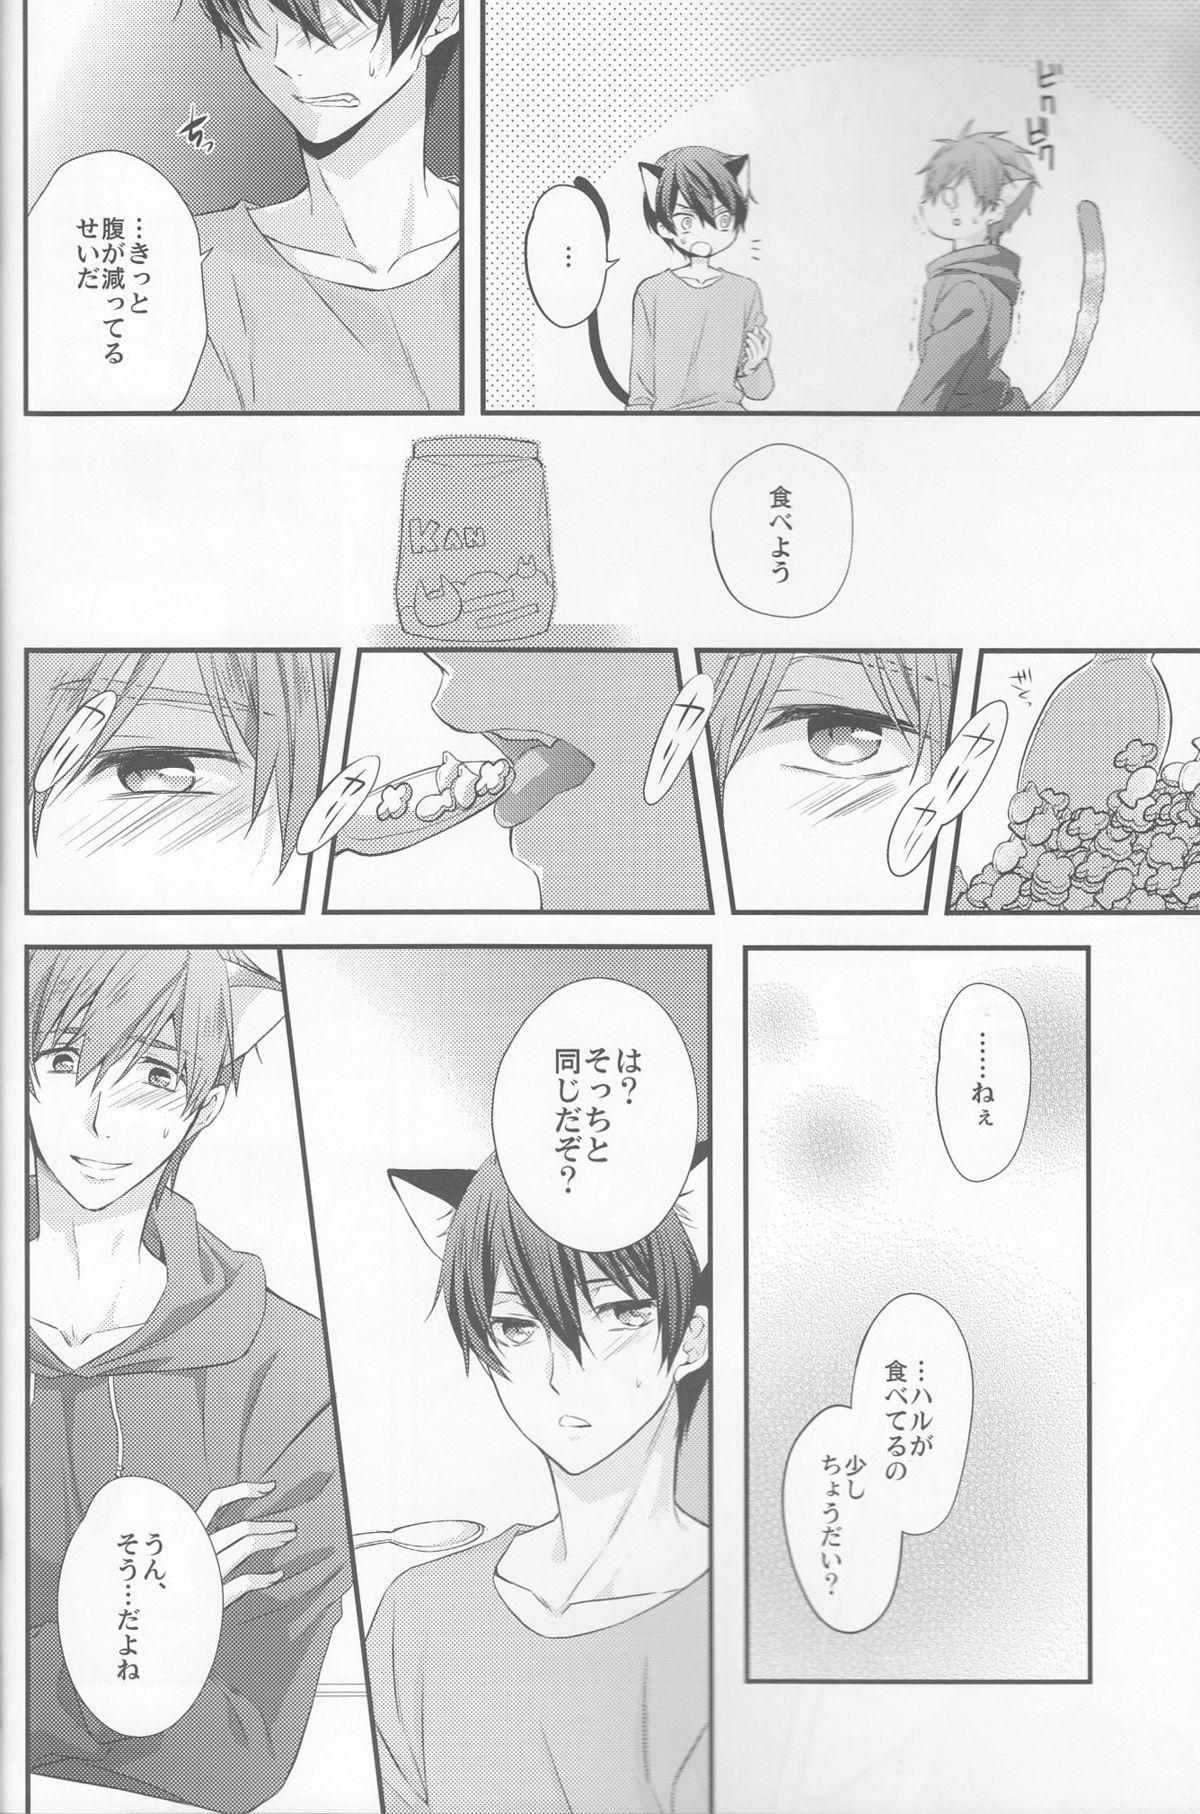 Kururu Kururu to Nodo ga Nari 6